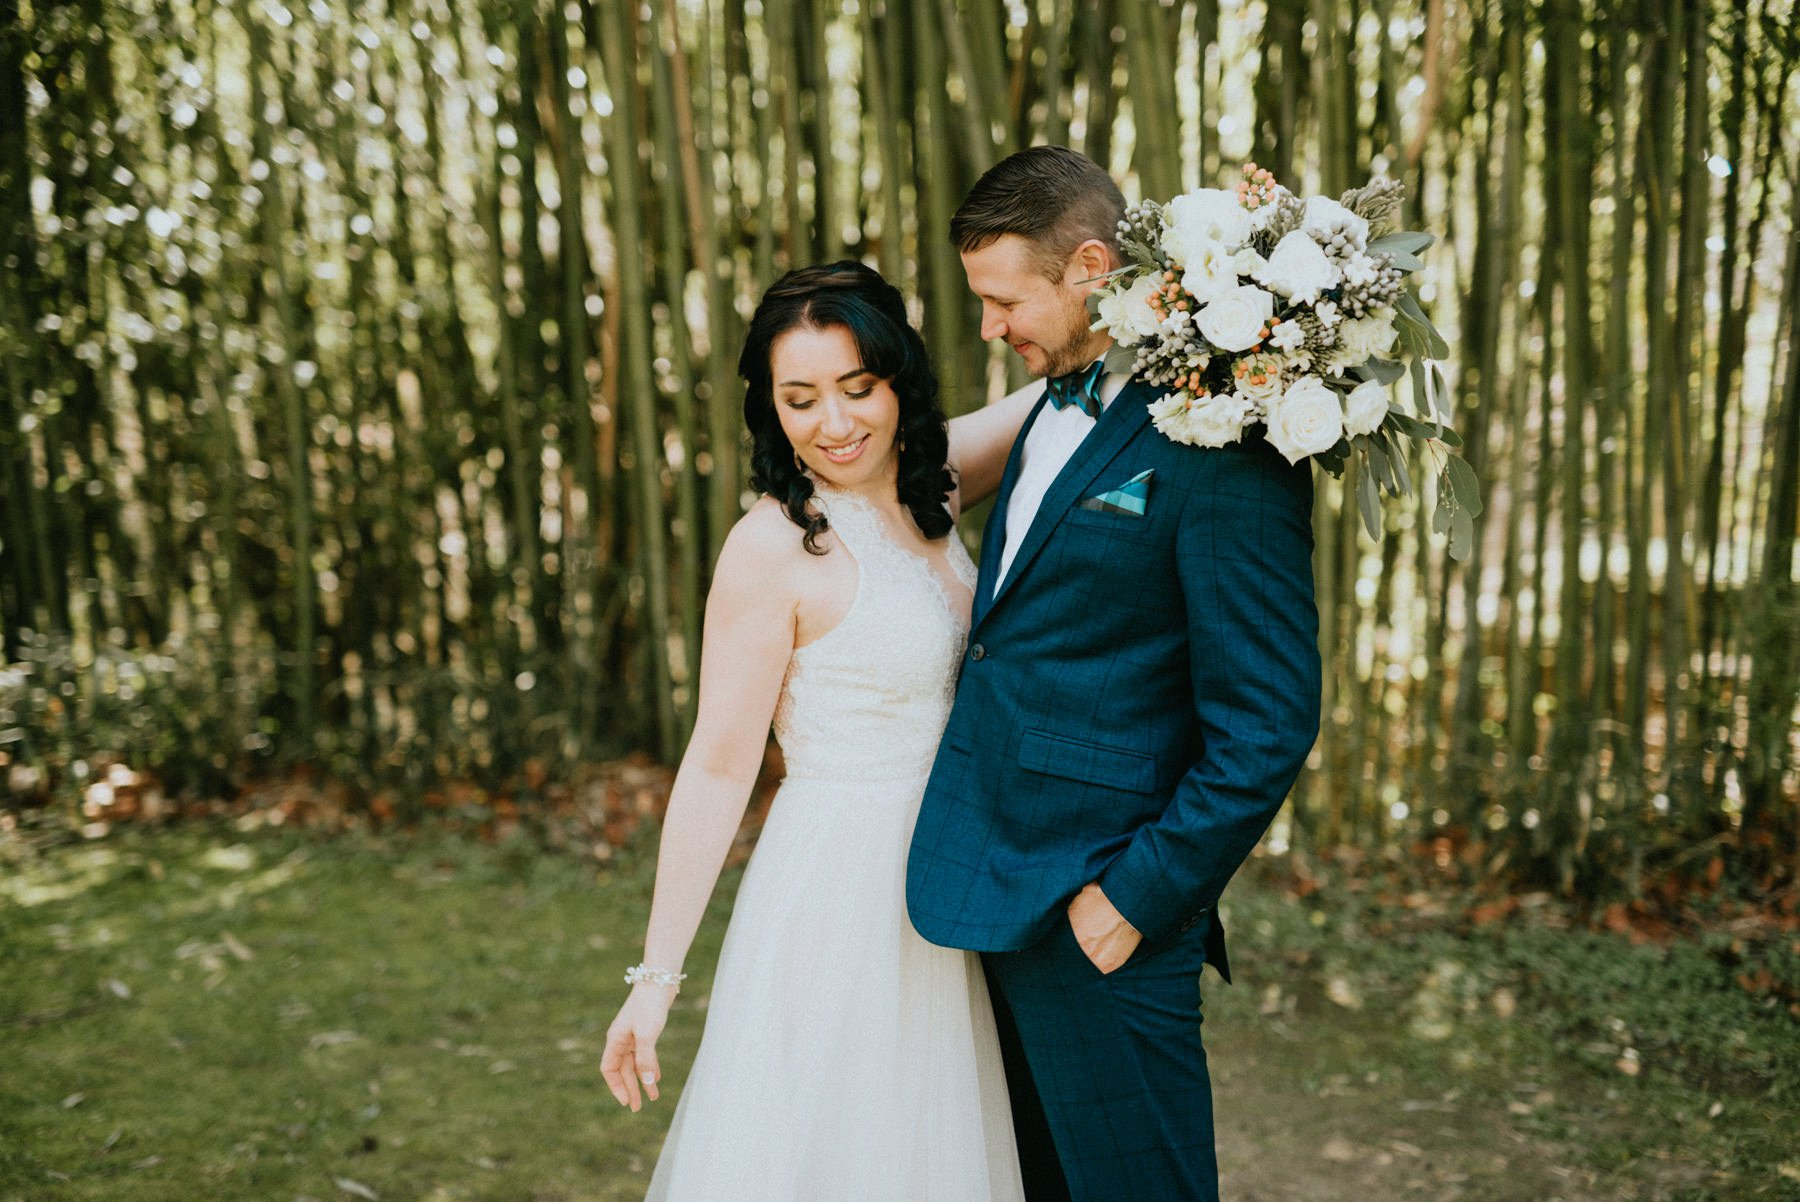 old-mill-rose-valley-wedding-20.jpg